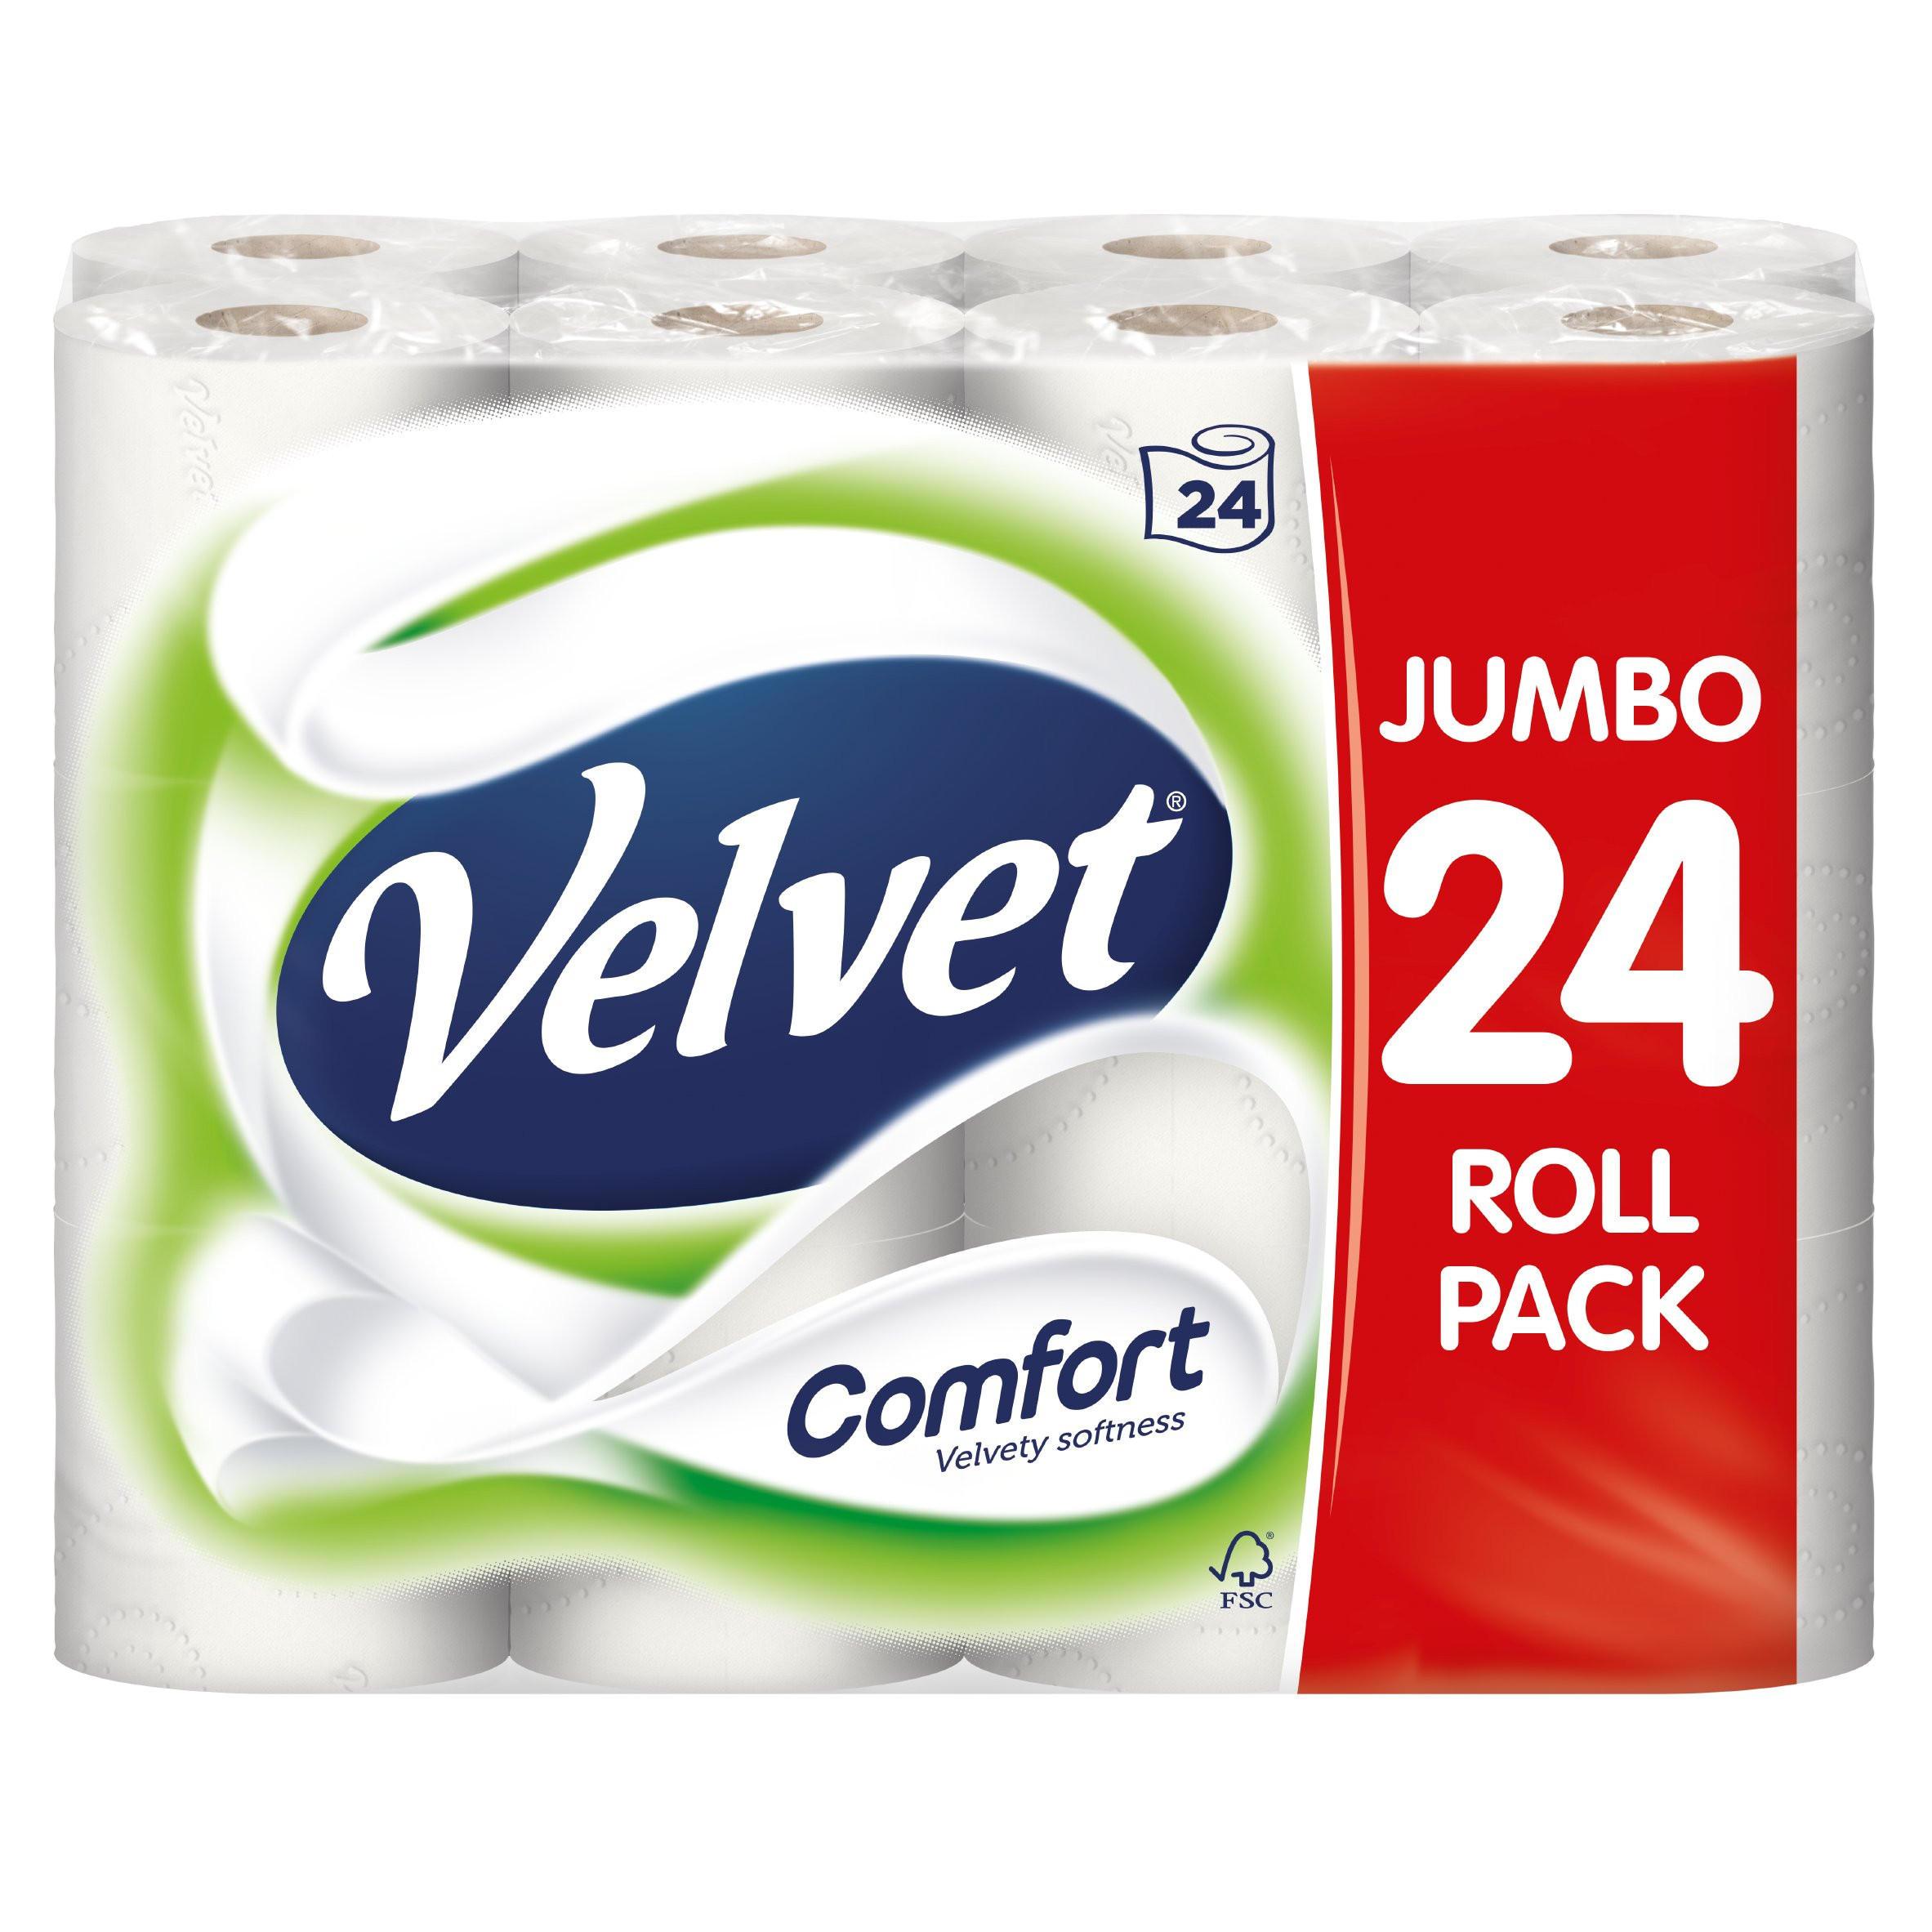 Velvet Comfort White Toilet Rolls 24 pack £6.99 at the Food Warehouse